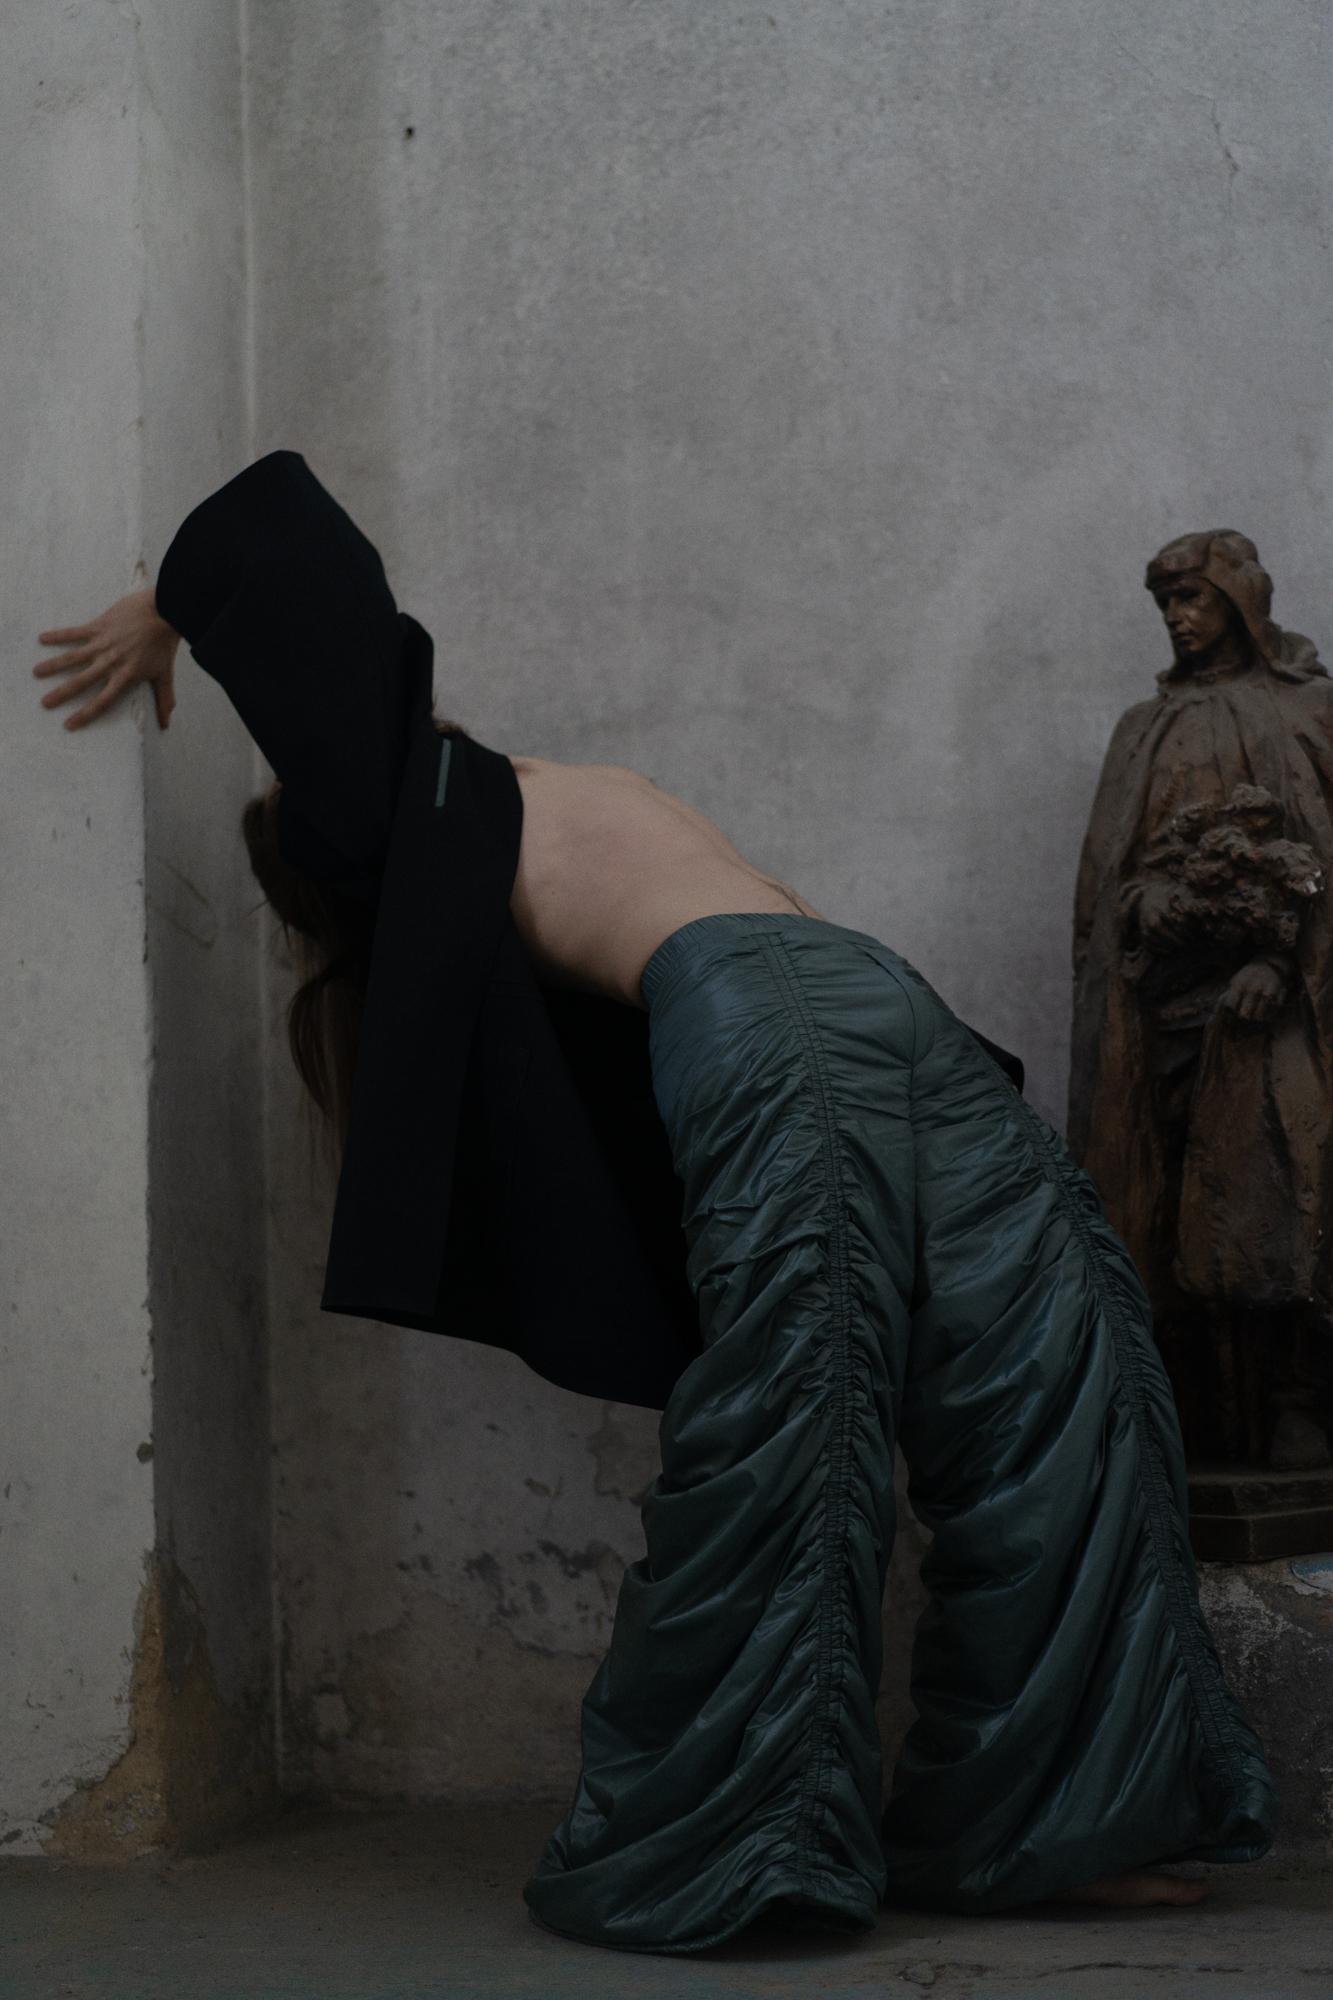 2. ročník ZS 2020/2021<br>fotografie módy<br>spolupráce se SPŠ oděvní<br>(VOŠON a SPŠO)<br>MgA. Eva Brzáková<br>klauzurní práce